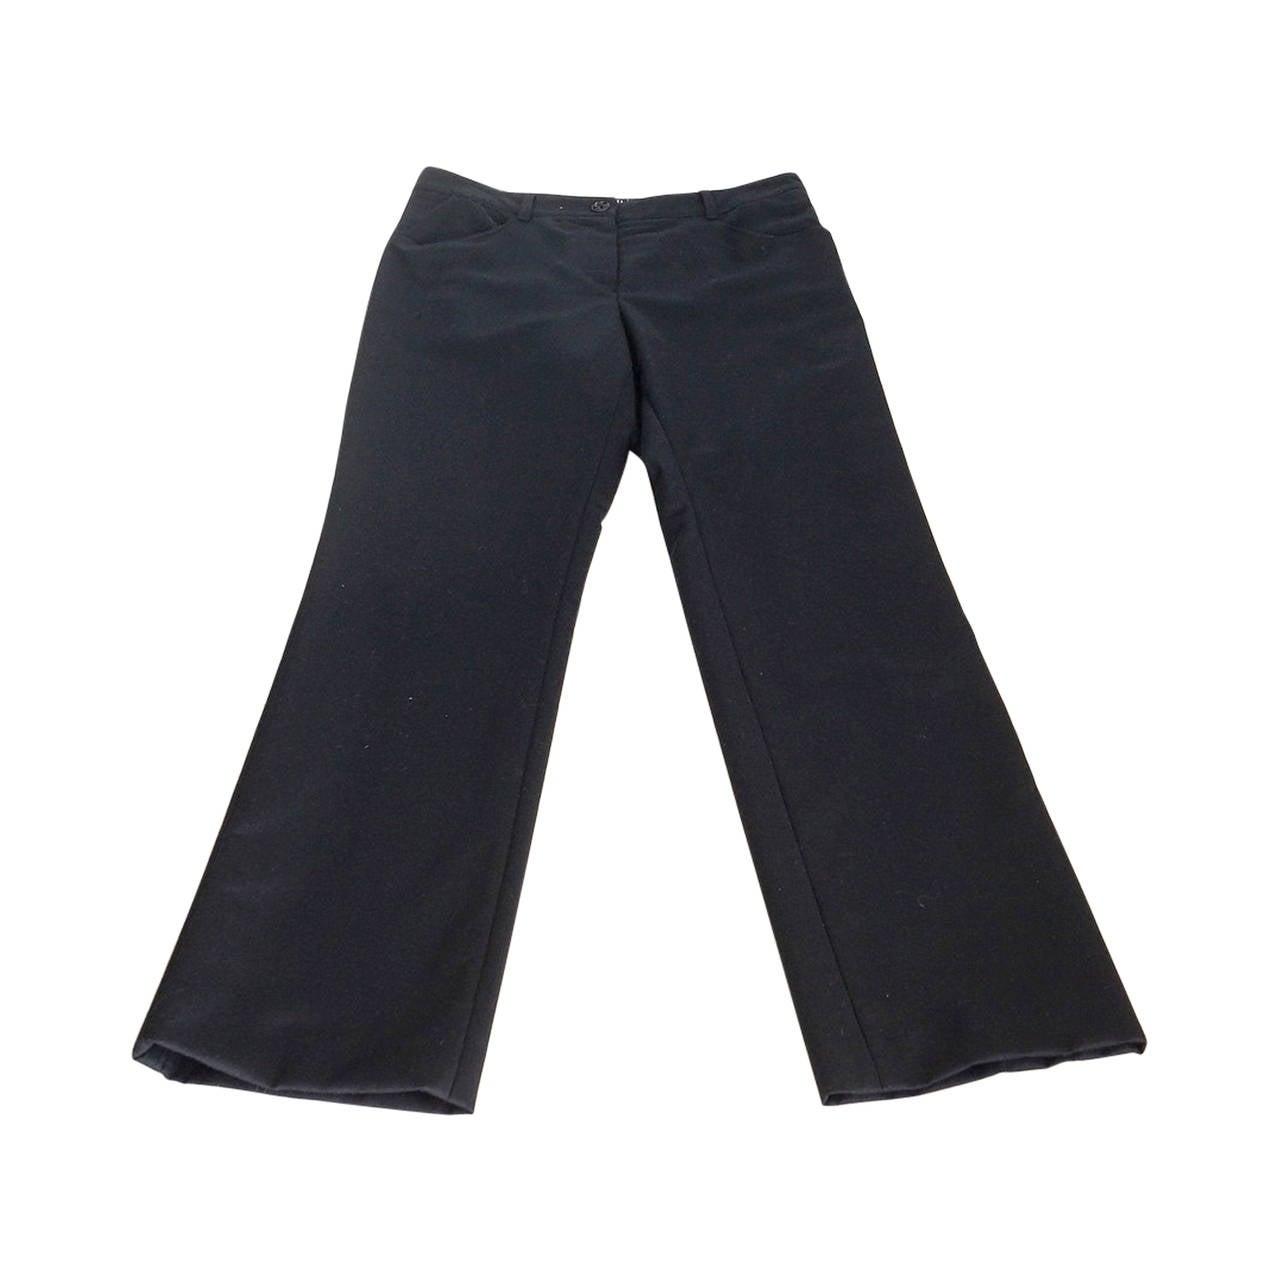 Chanel 04A Pant Black Wool / Cashmere Tuxedo Detail Subtle 36 / 4